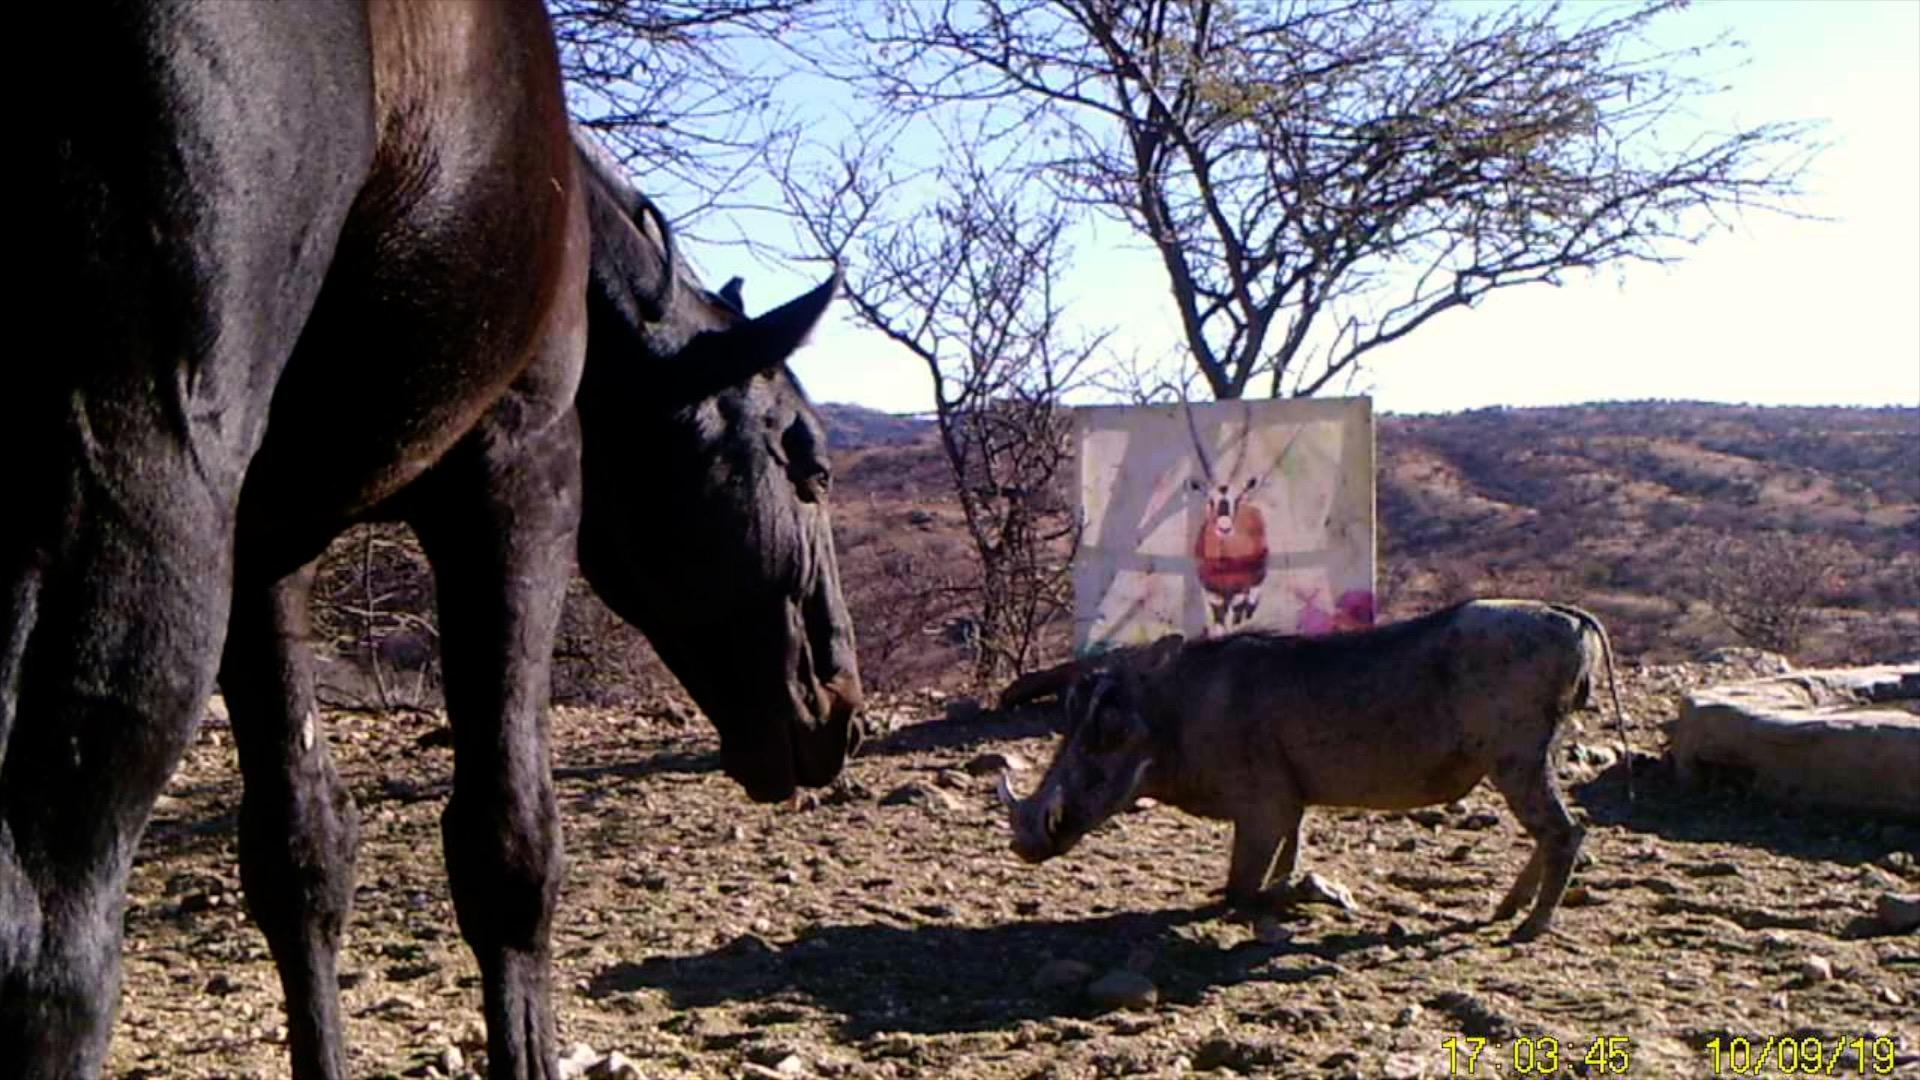 Filmstill SUPERWILDVISION Namibia 2019, Afrika, Kunstprojekt von Irene Mueller, Pferd und Warzenschwein mit Gemaelde